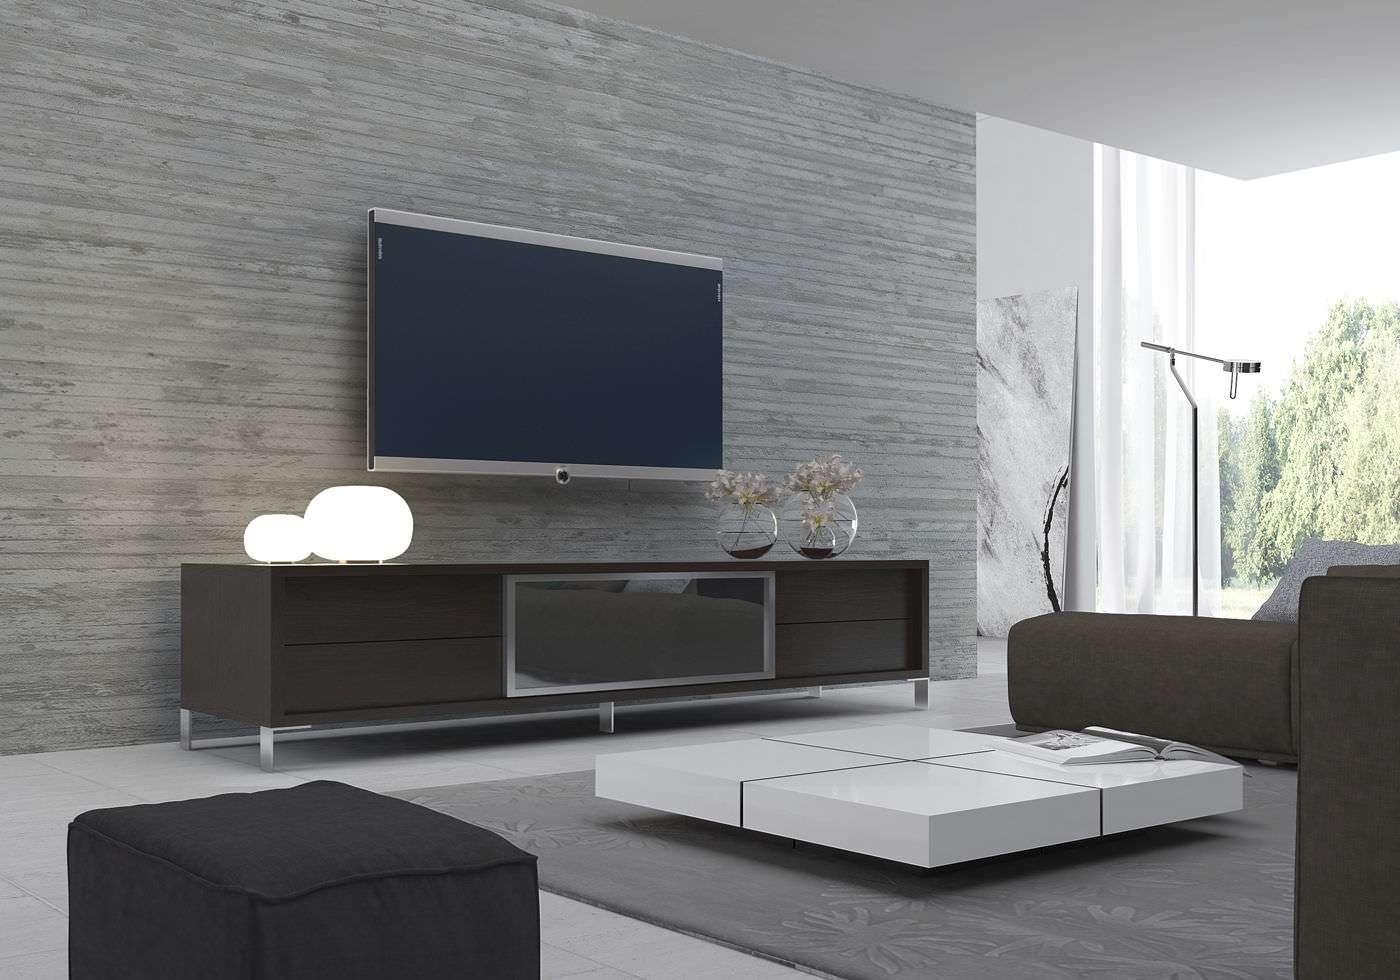 Contemporary Tv Cabinet / Wooden – Lexington – Modloft In Contemporary Tv Cabinets (View 15 of 20)